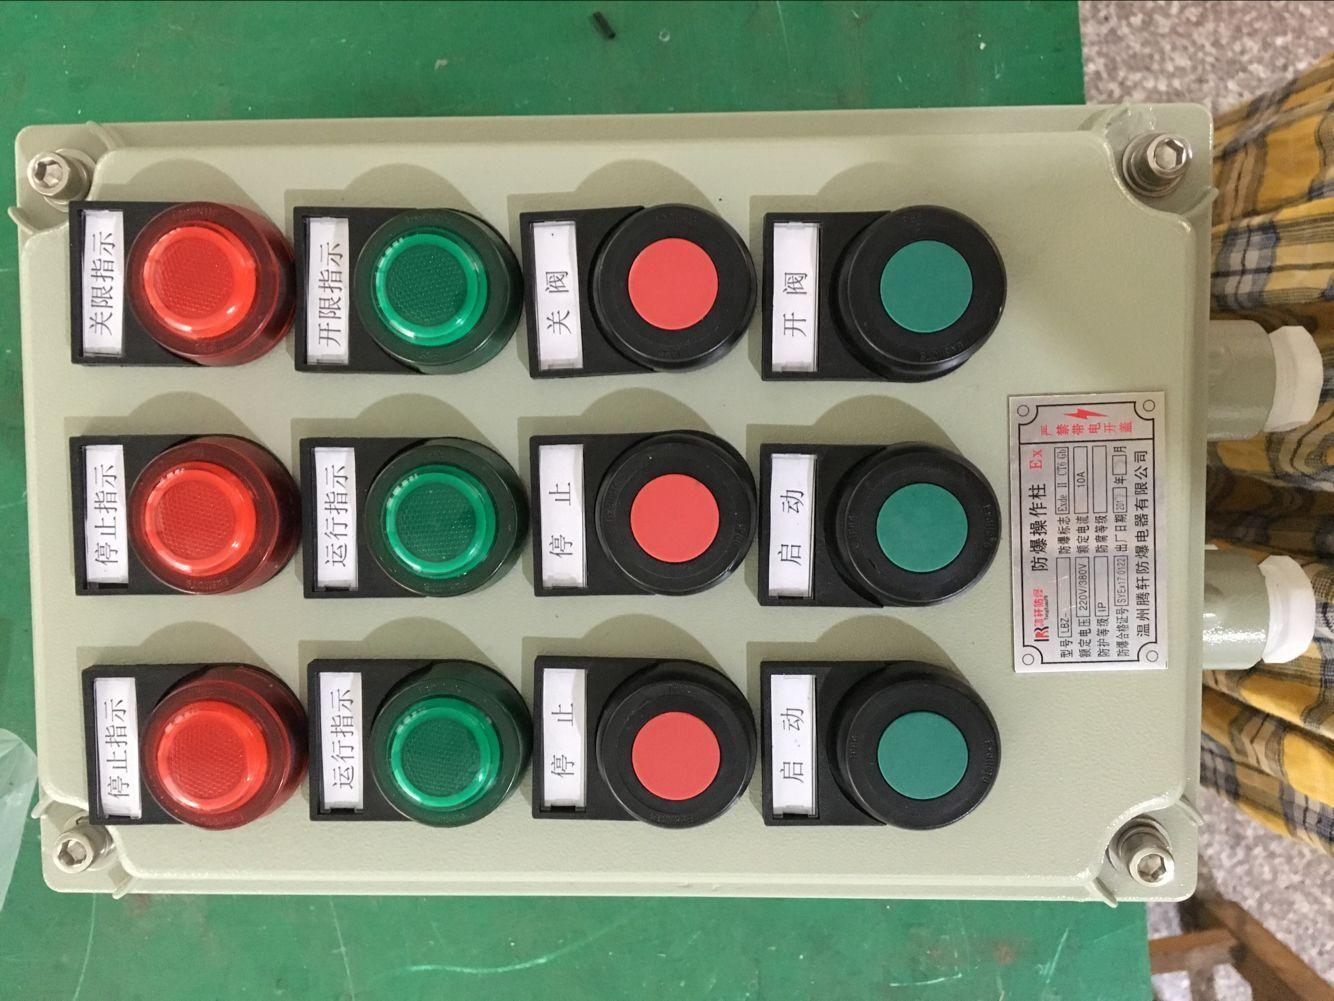 内部可装防爆按钮,防爆指示灯,防爆电流表,防爆开关,防爆电压表等各种